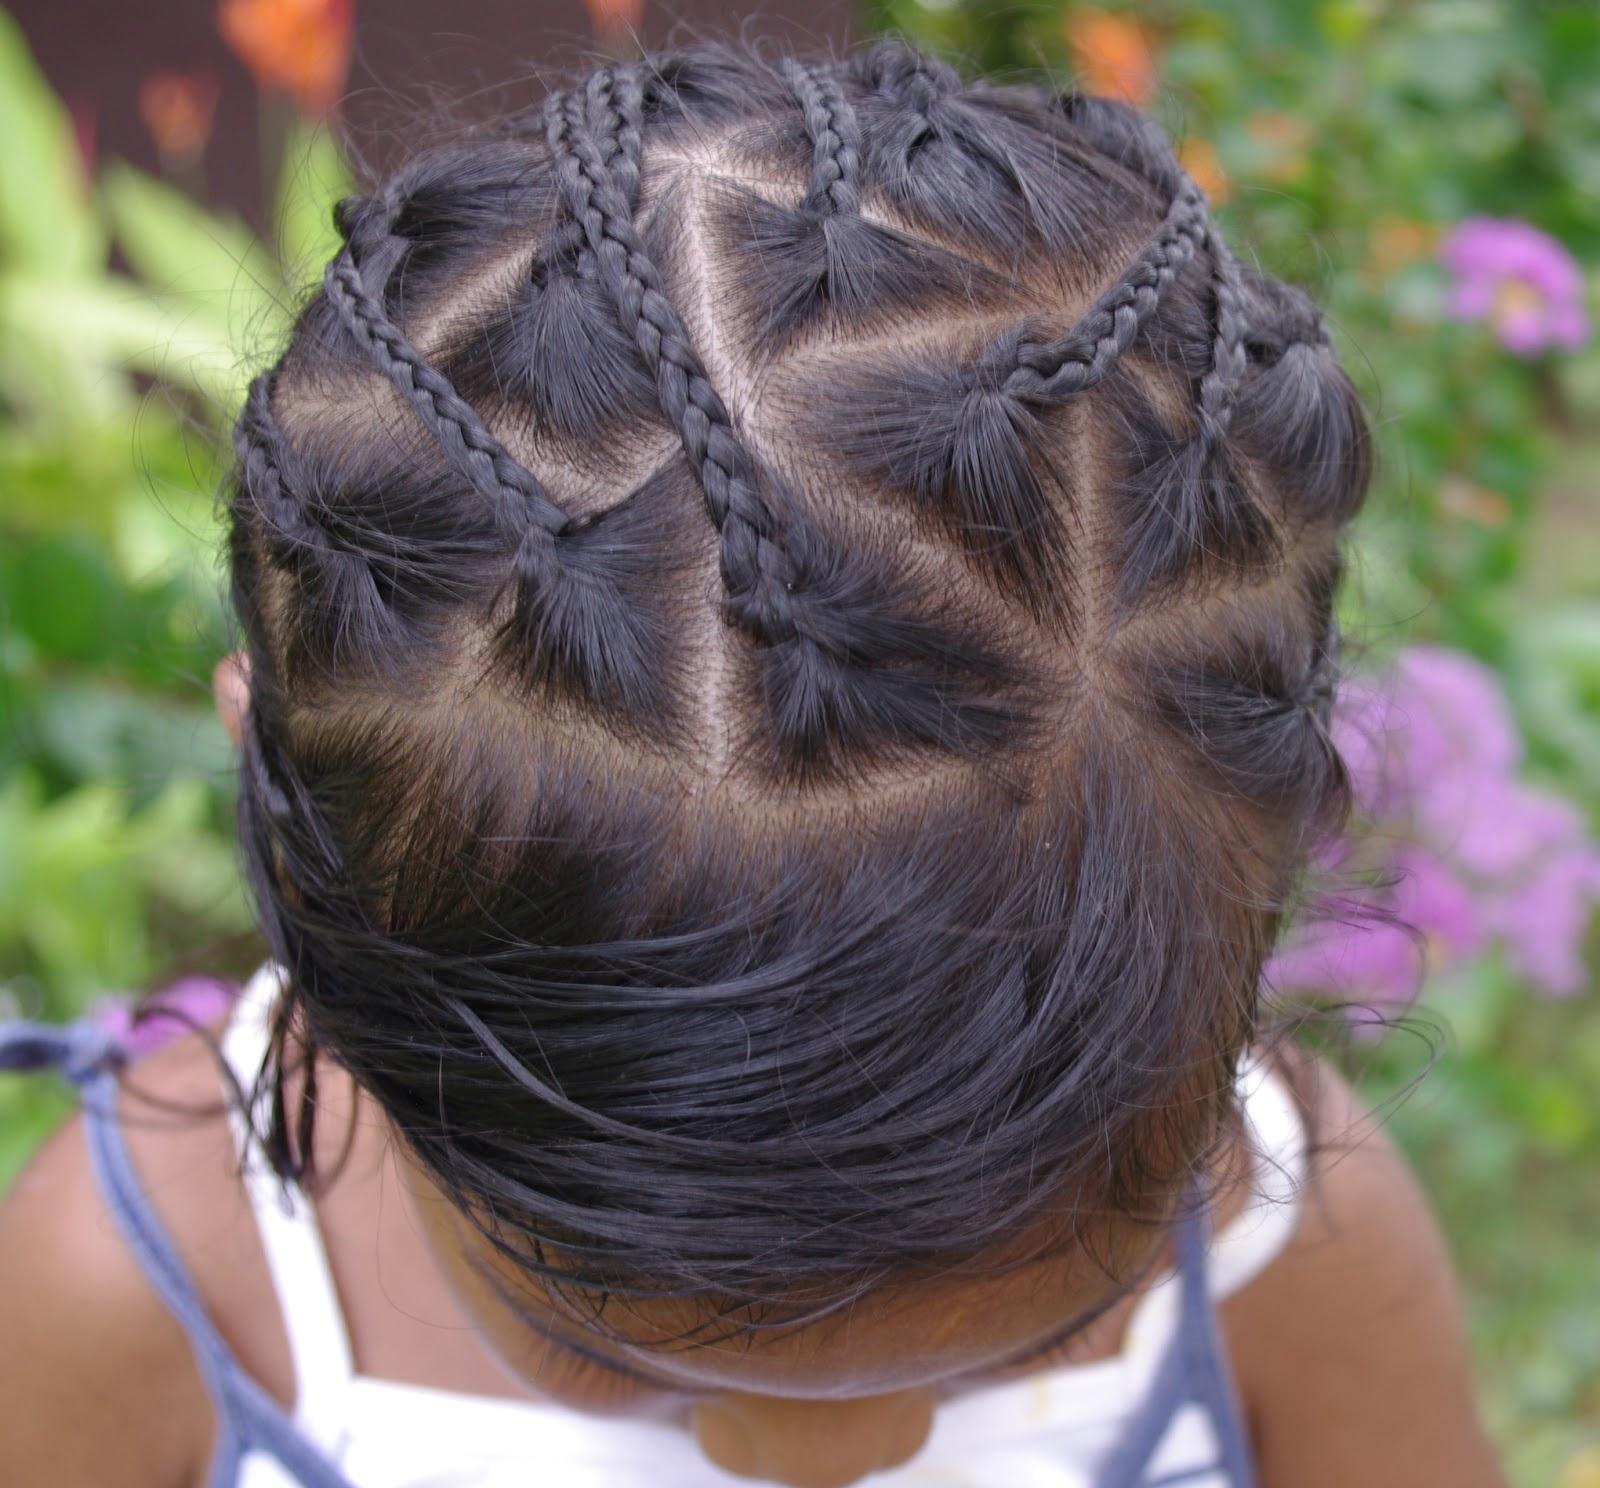 Braids & Hairstyles for Super Long Hair: Micronesian Girl~ Star Braids